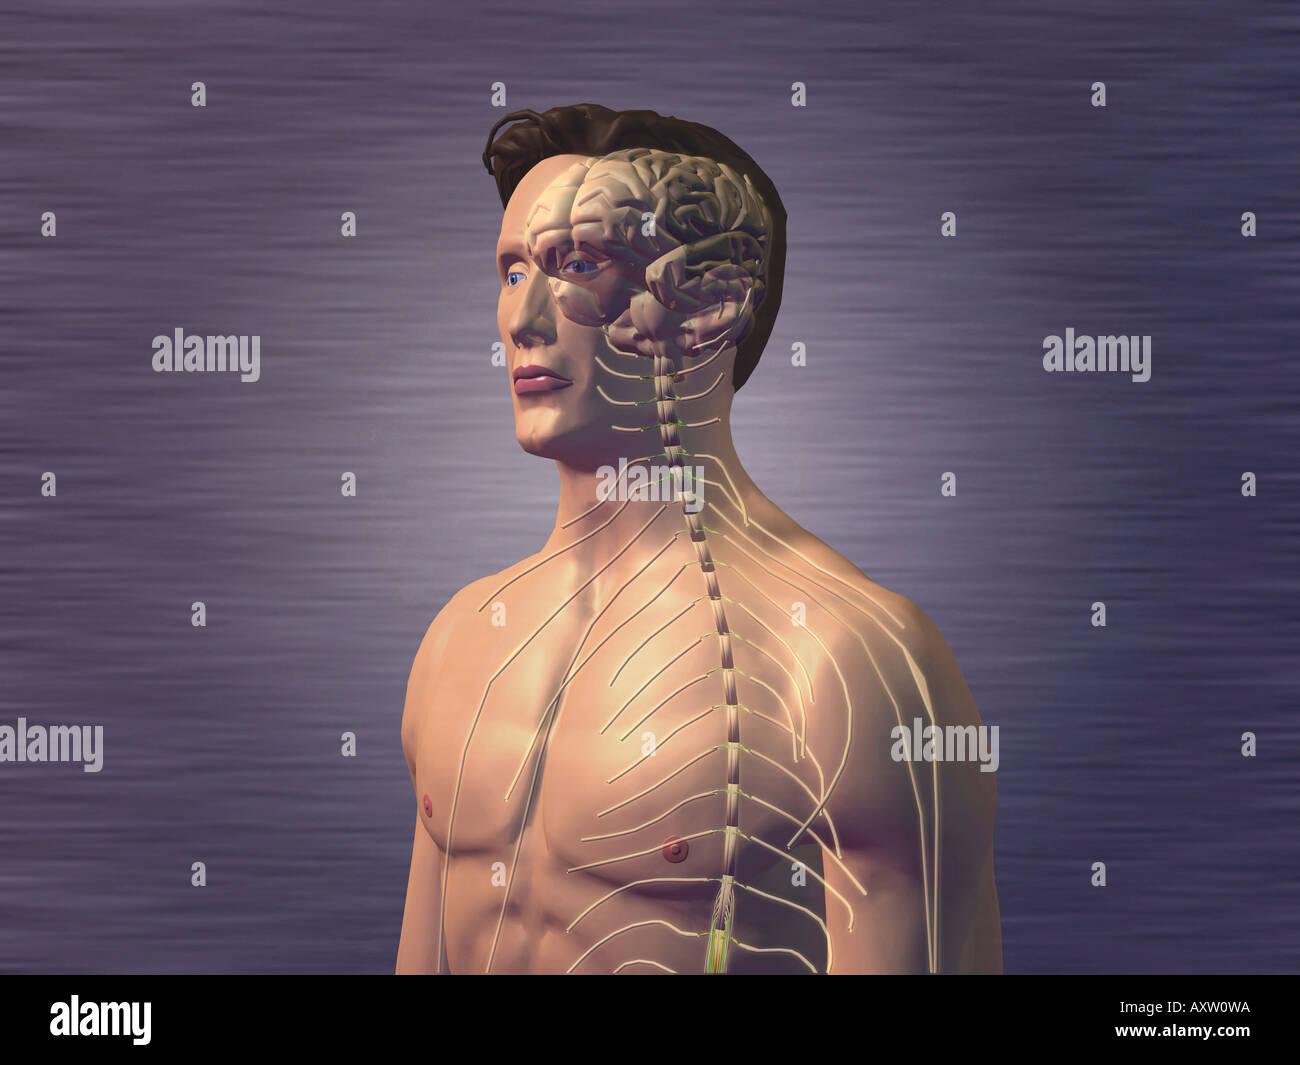 Zentrales Nervensystem Stockfoto, Bild: 9667993 - Alamy